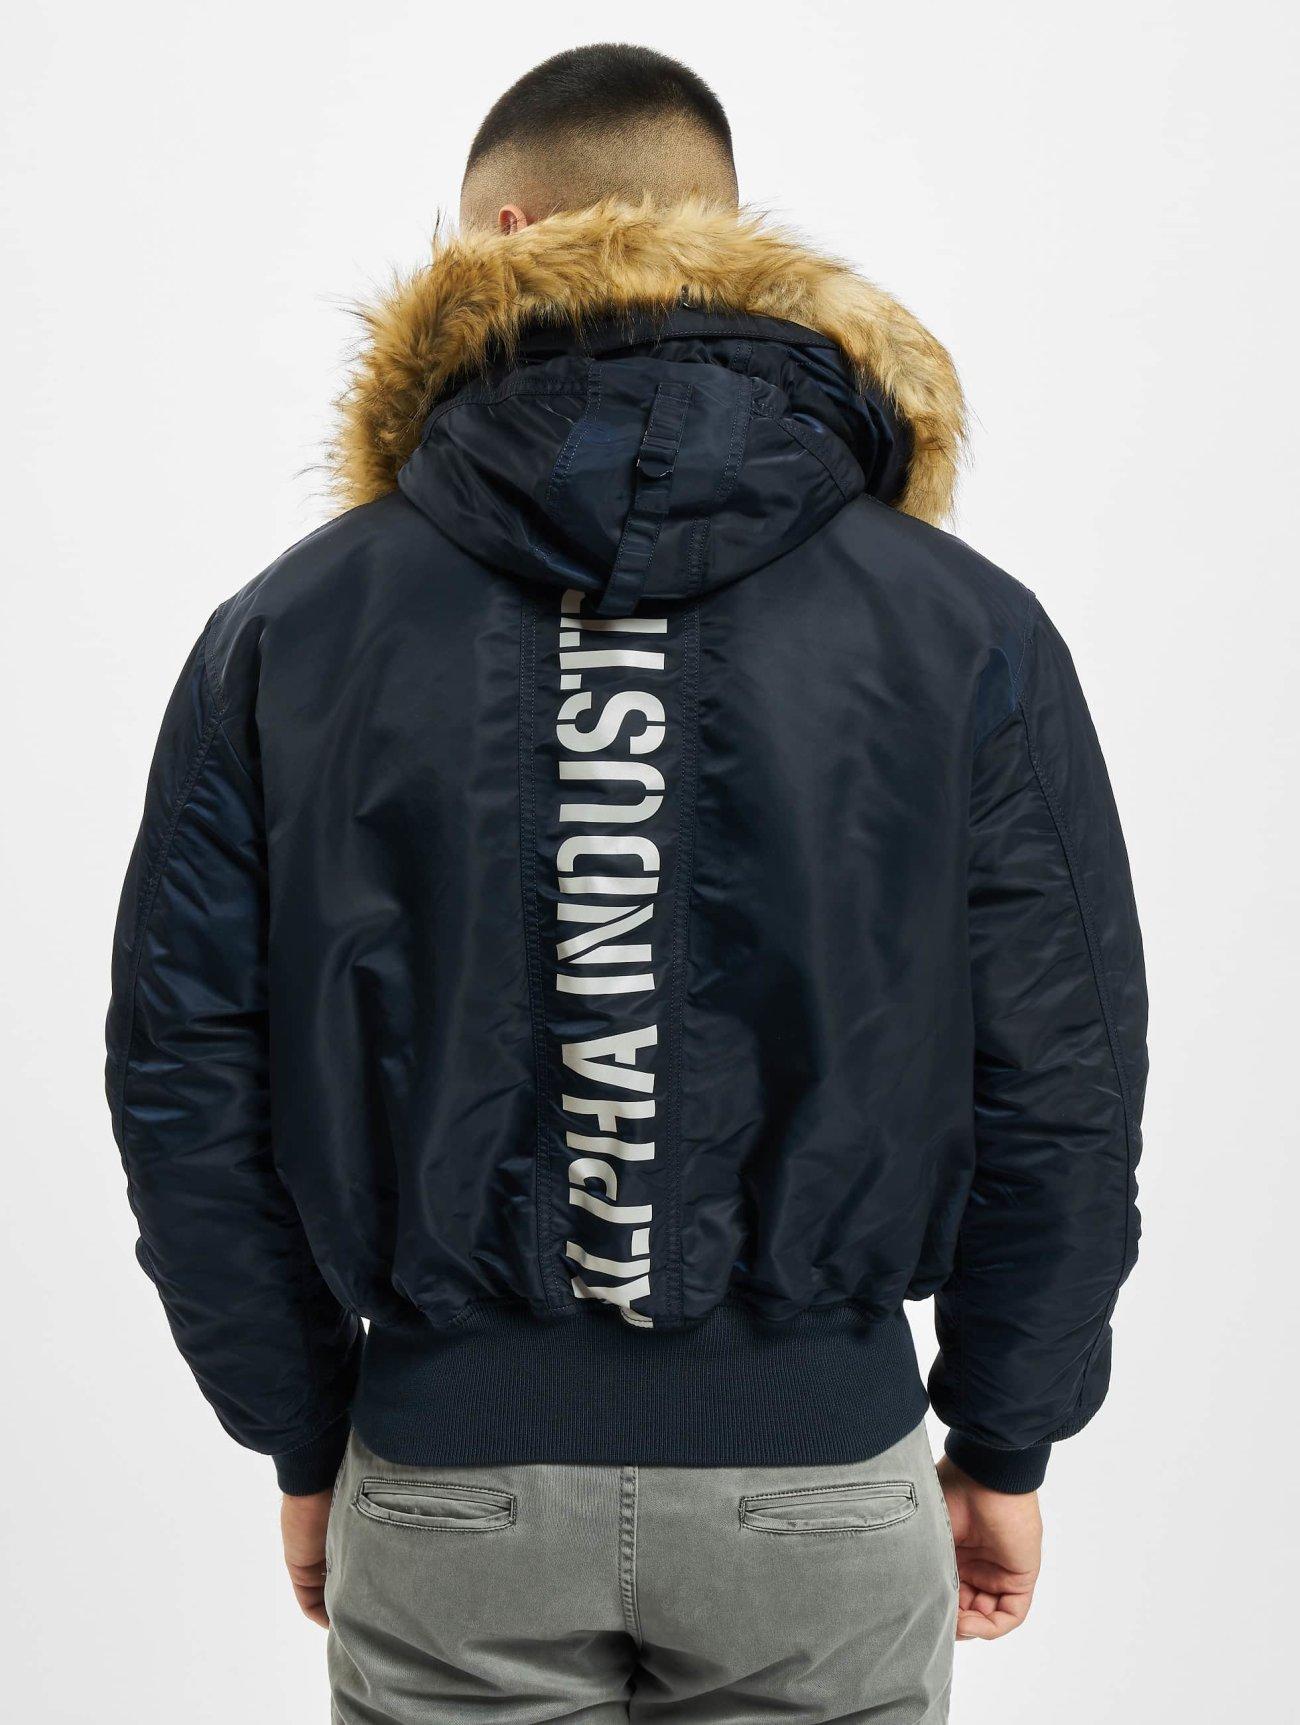 Alpha Industries     bleu Homme Manteau hiver  57956  Homme Manteaux & Vestes